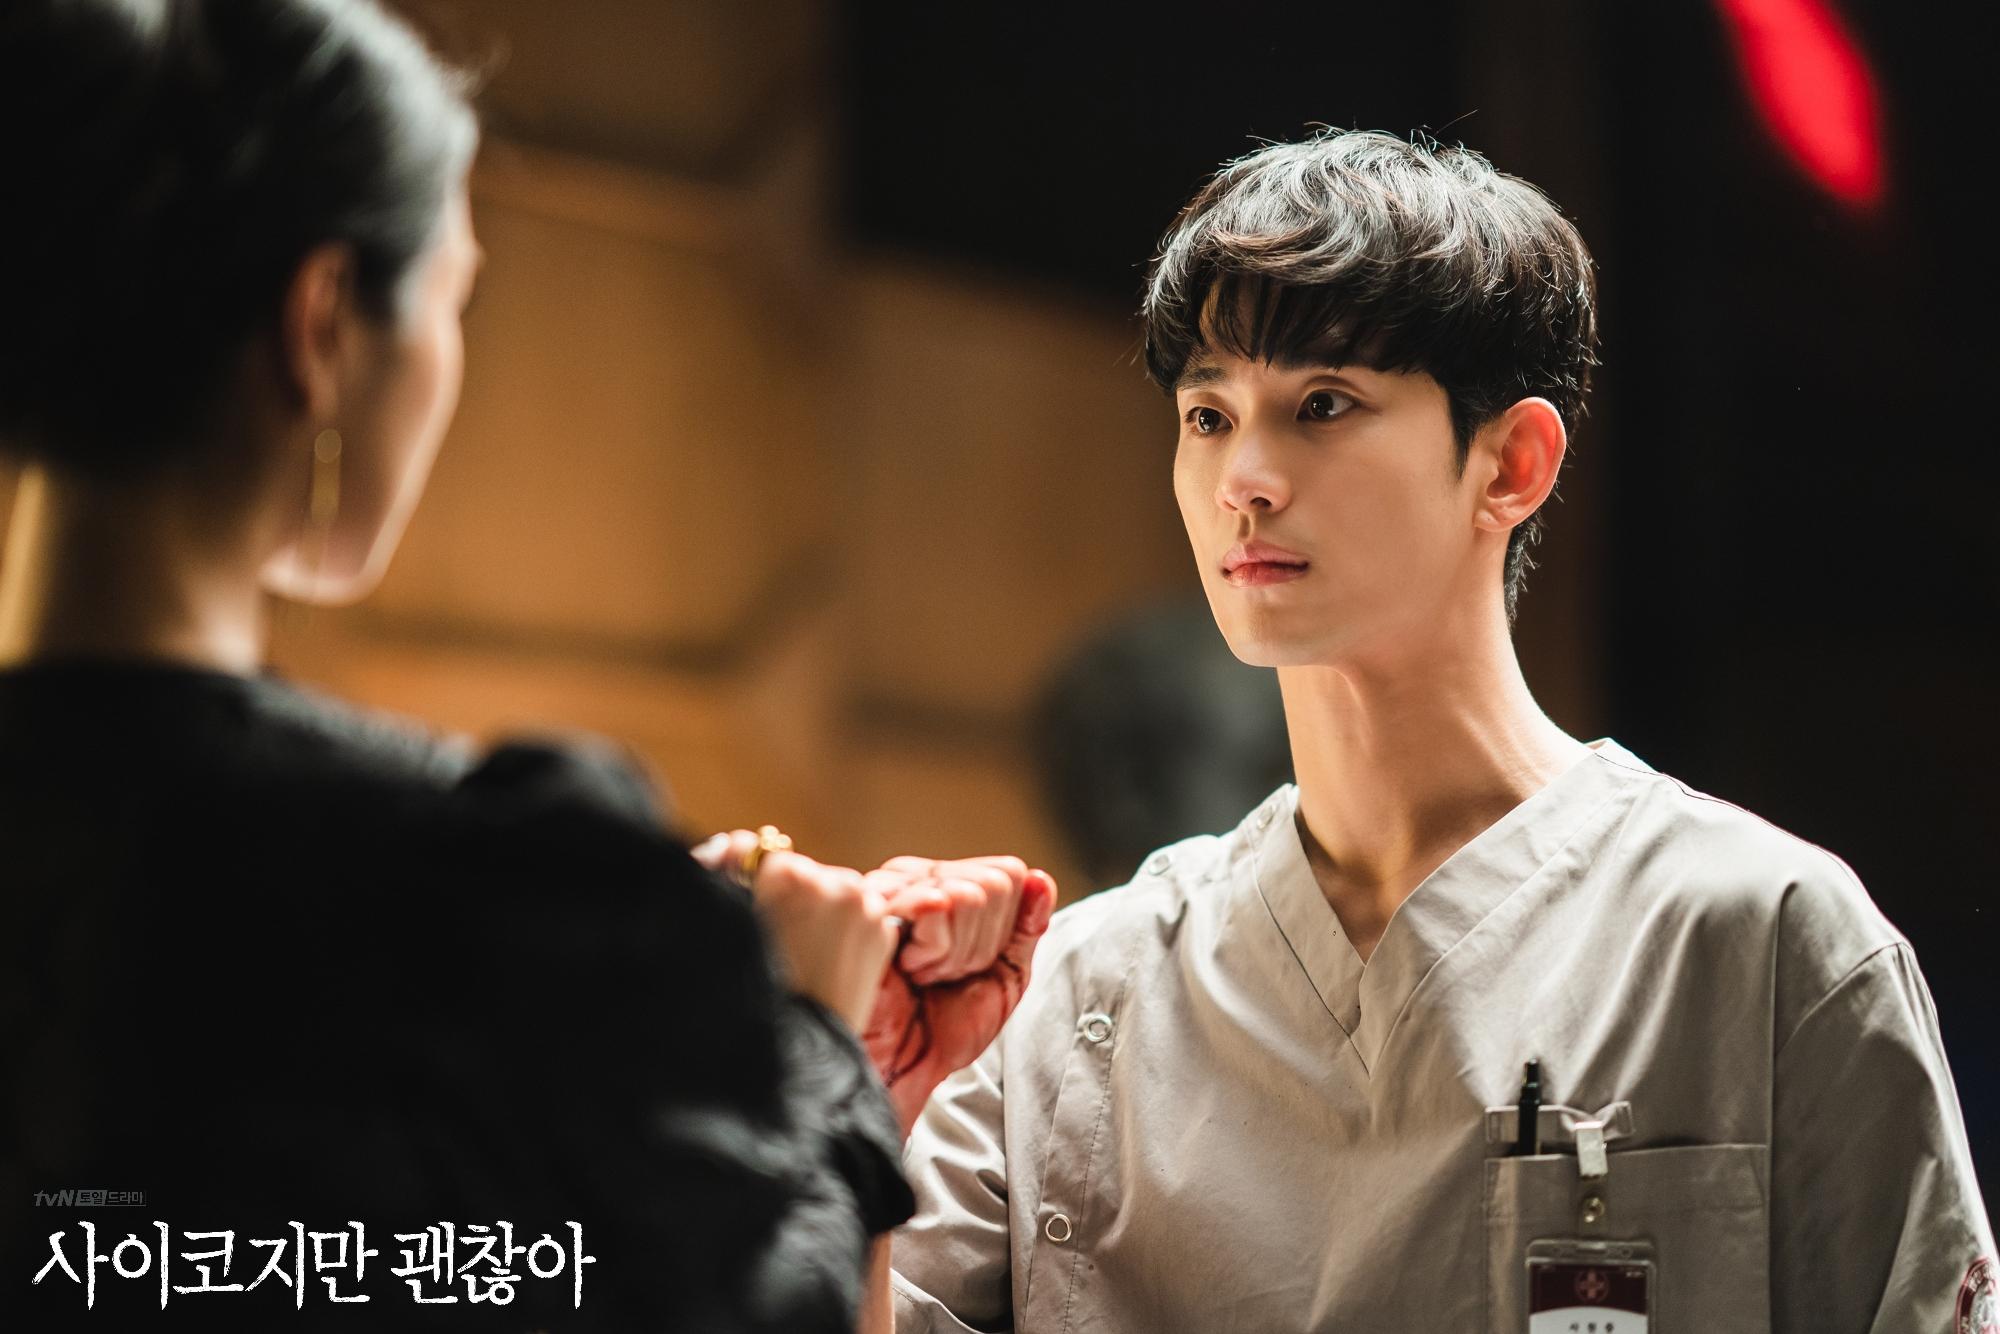 Lần đầu gặp mặt, Gang Tae đỡ thay cho bệnh nhân một dao từ Myun Young